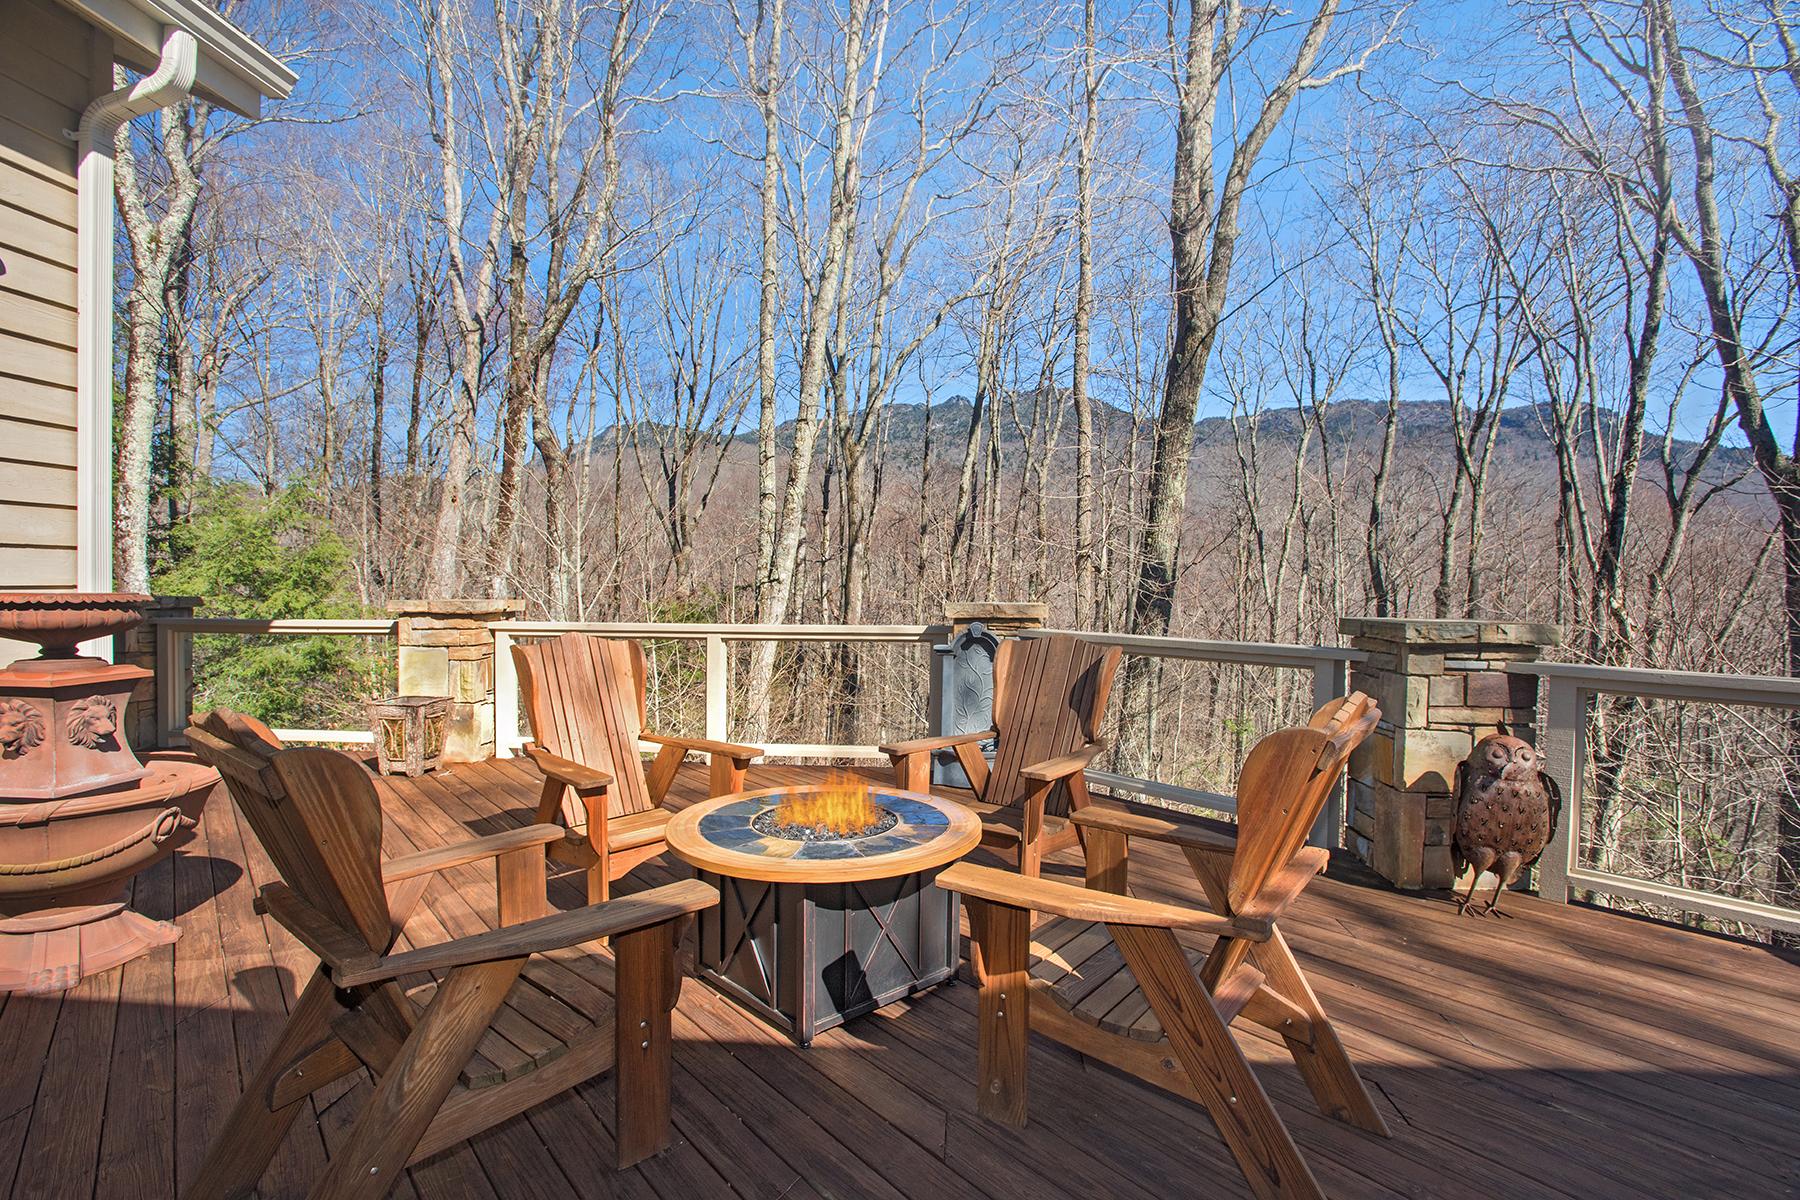 단독 가정 주택 용 매매 에 LINVILLE - LINVILLE RIDGE 1128 Vista Way Linville, 노스캐놀라이나, 28646 미국